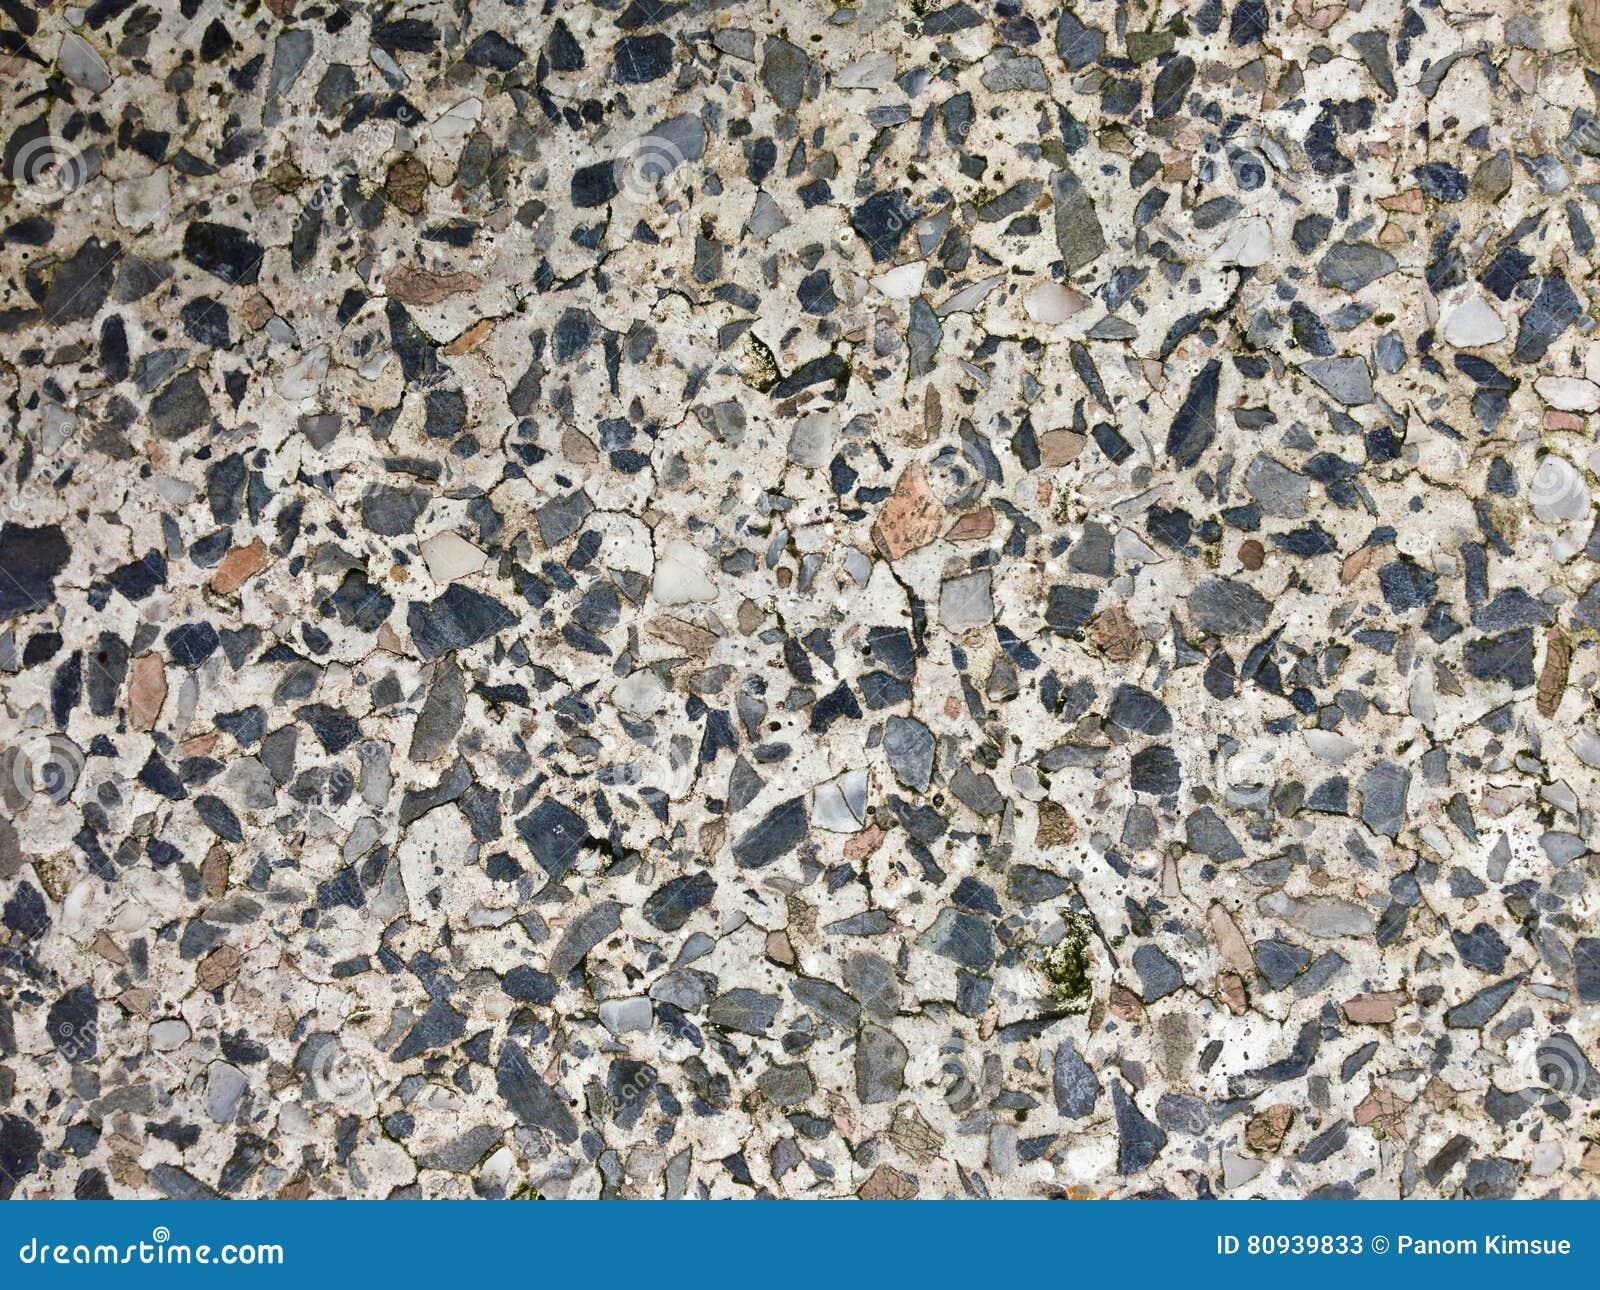 terrazzo floor background stock - photo #42